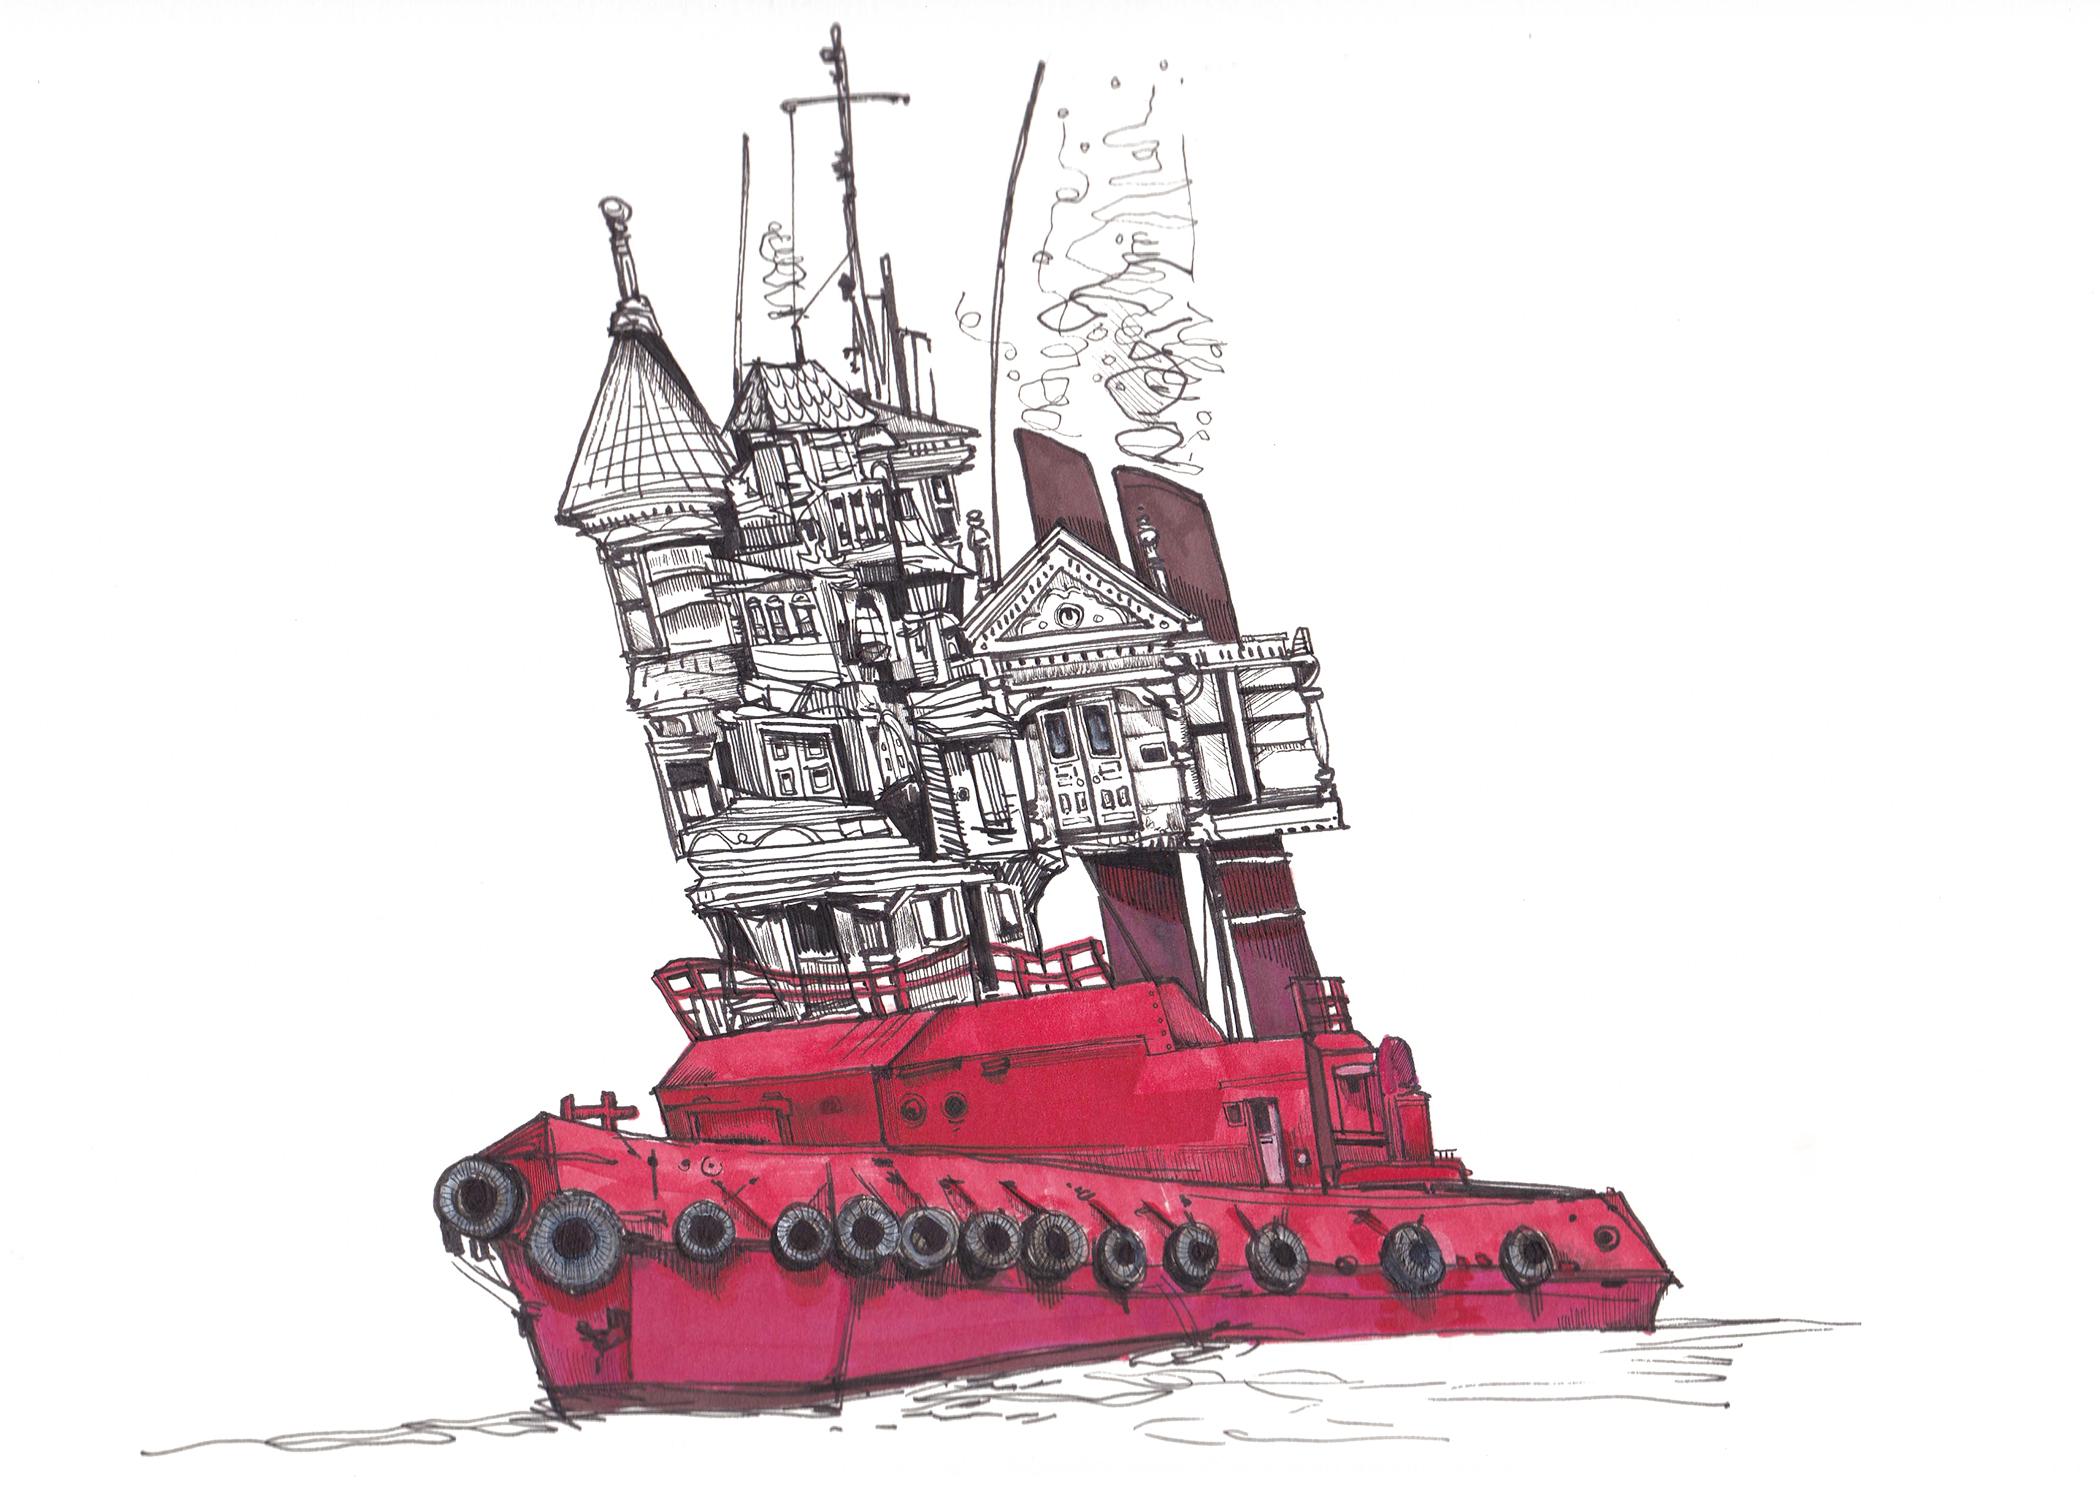 tugboat5z7.jpg